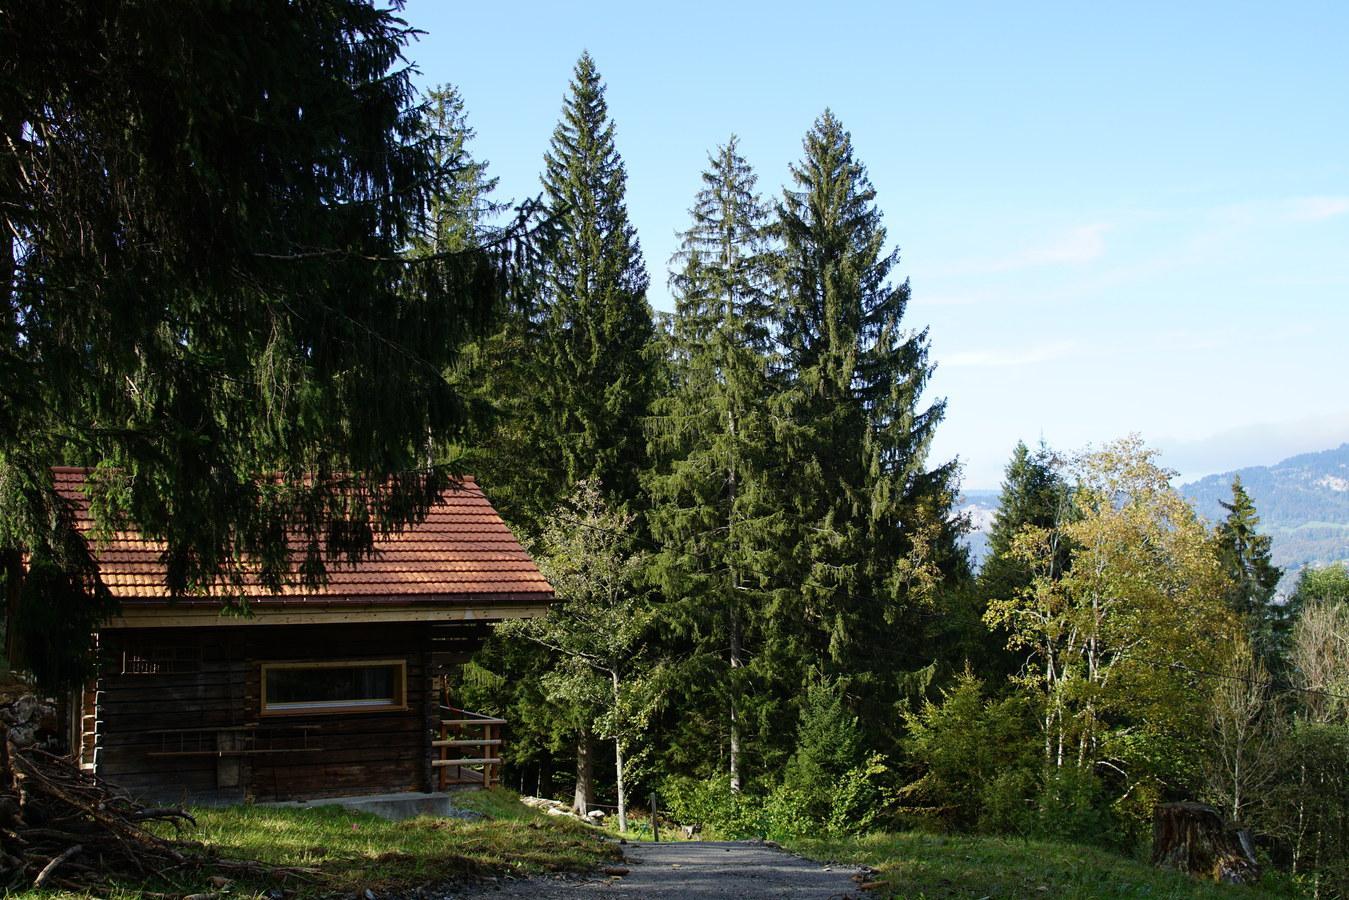 Ferienwohnung Wollhaus Oberzwirgi 6-Bettwohnung (2311578), Schattenhalb, Meiringen - Hasliberg, Berner Oberland, Schweiz, Bild 3